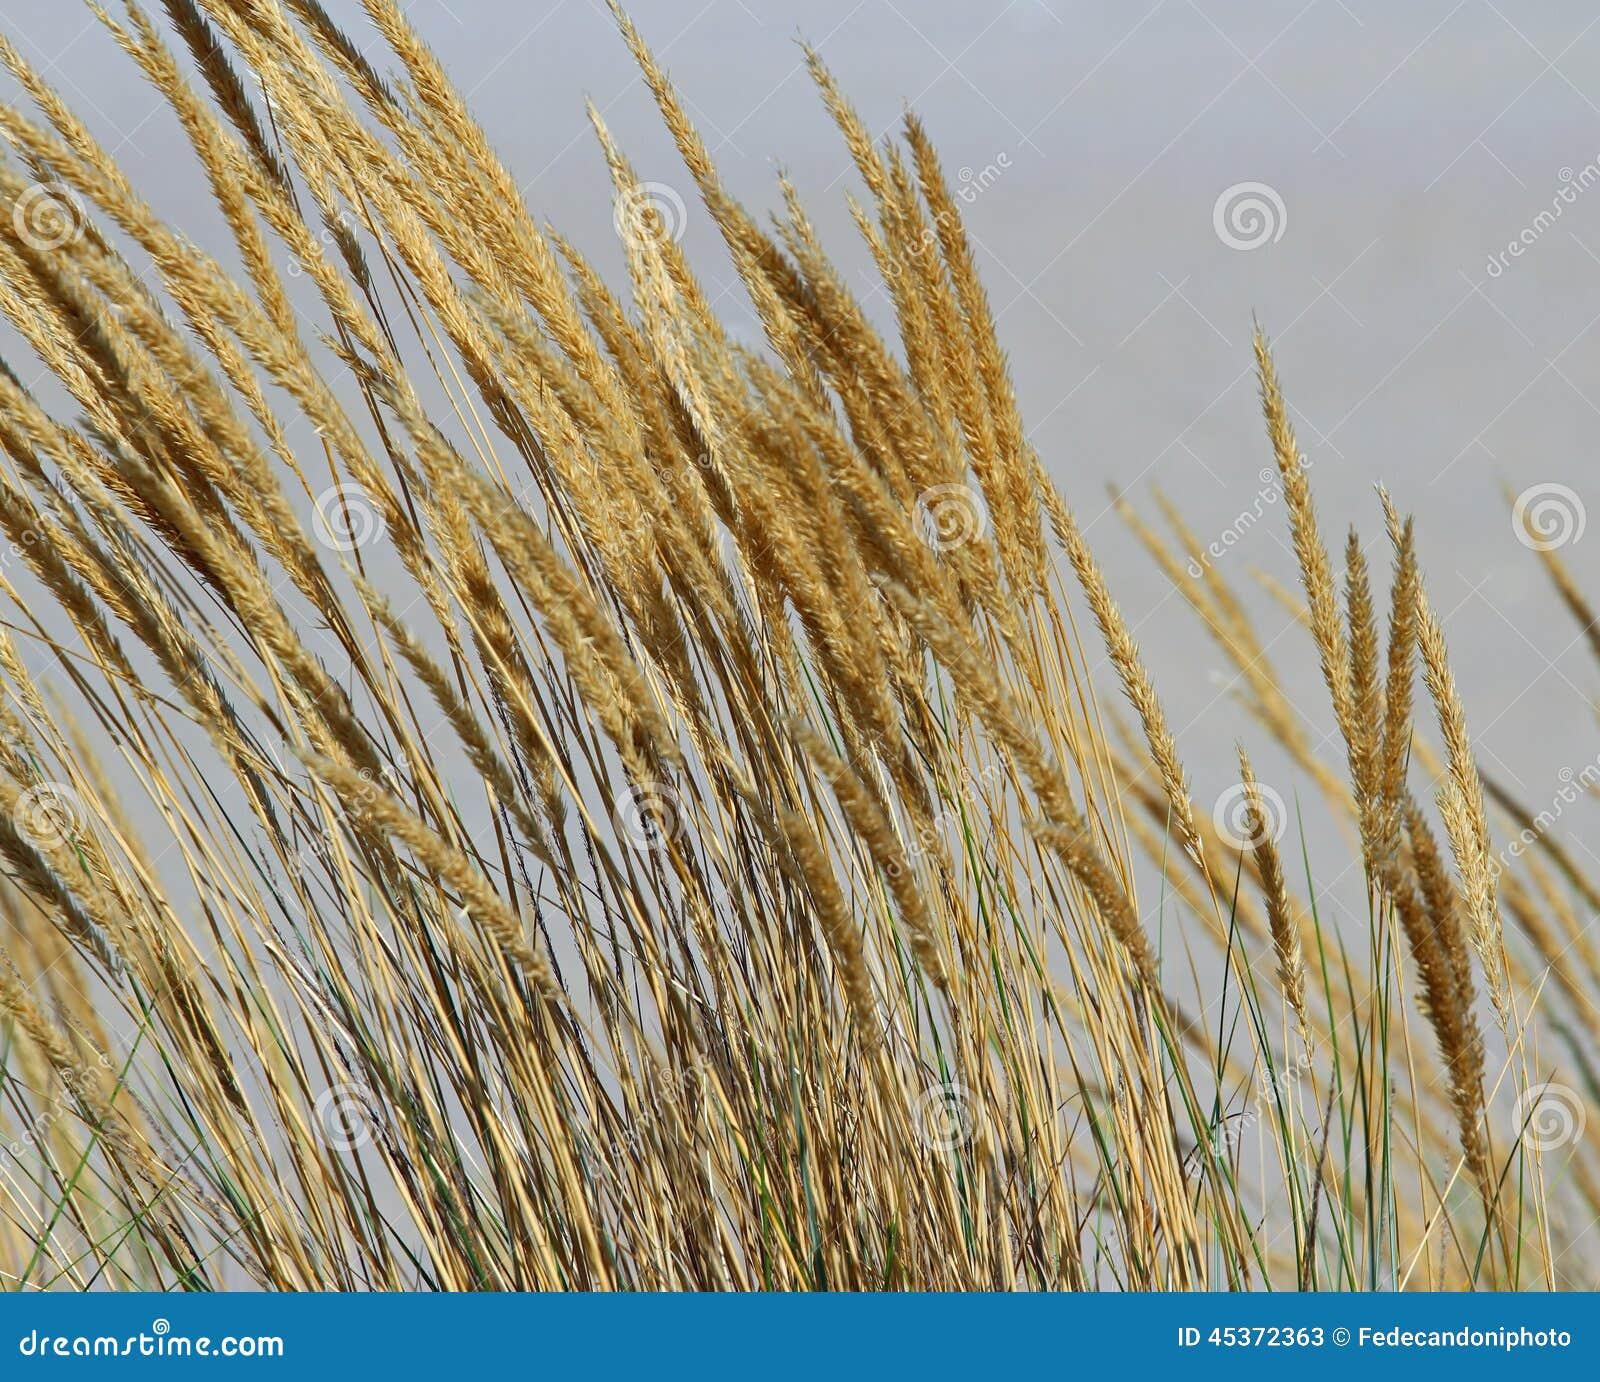 Grandes oreilles d or de blé au milieu du champ